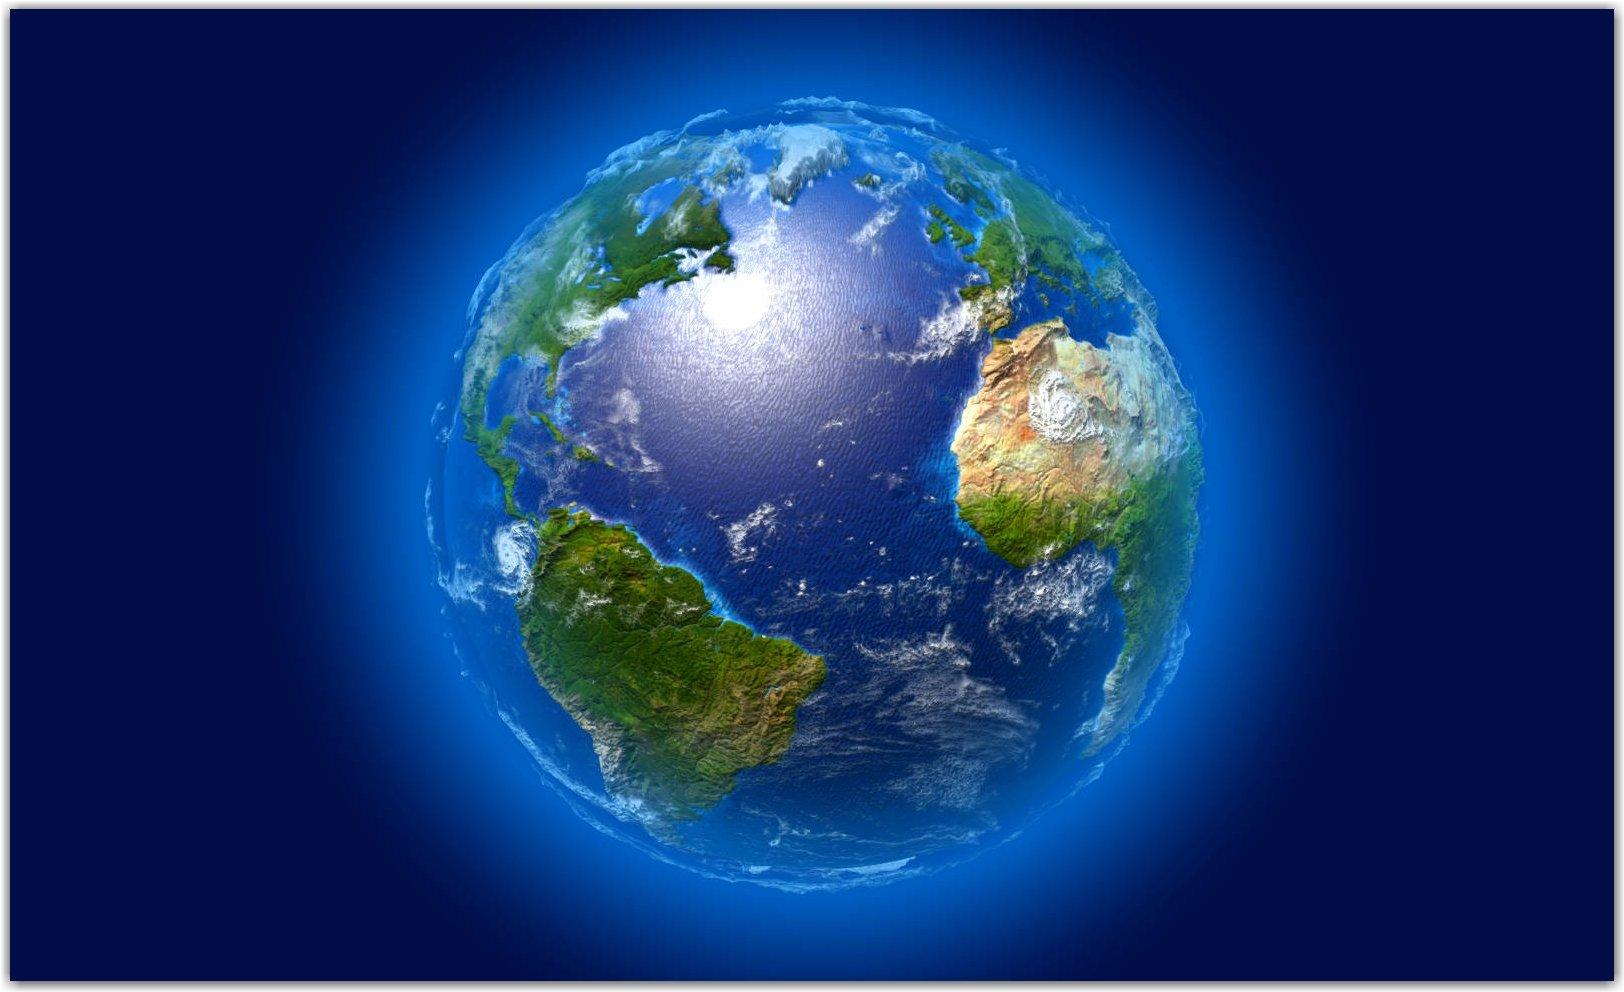 Ғалымдар көлемі Жермен бірдей жаңа планета ашты